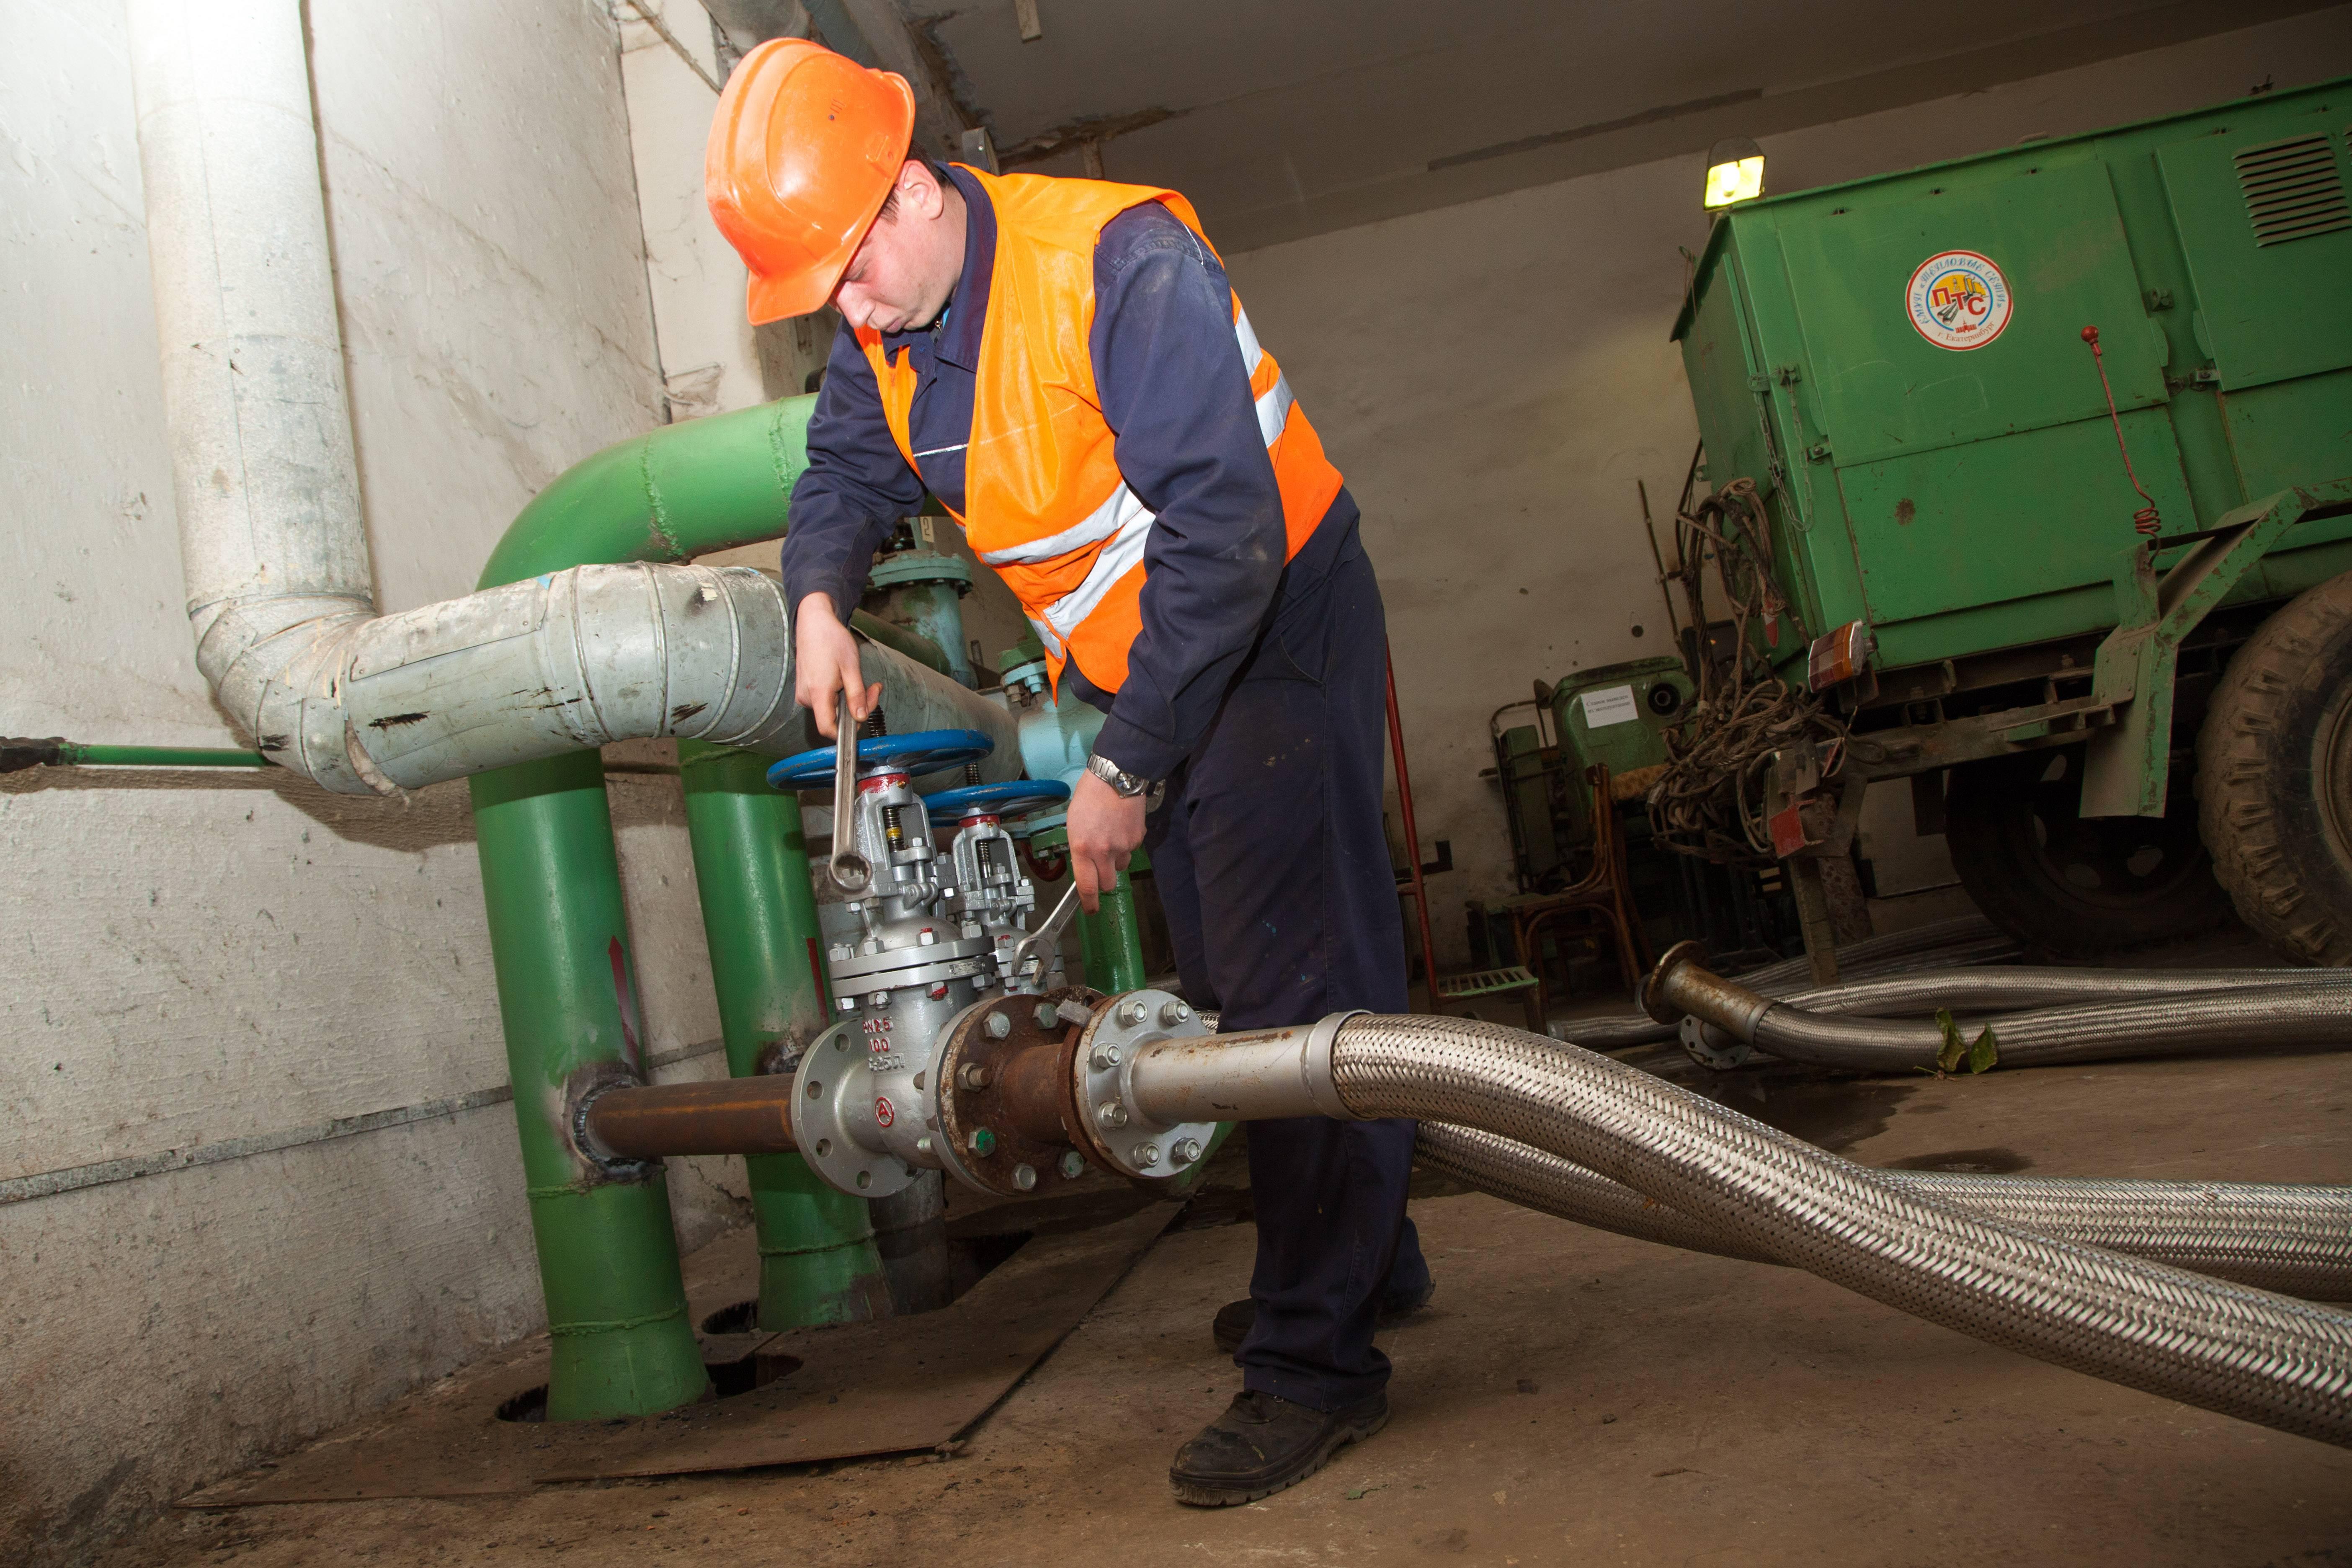 Опрессовка внутреннего газопровода в доме: низкого давления и перед спуском газа